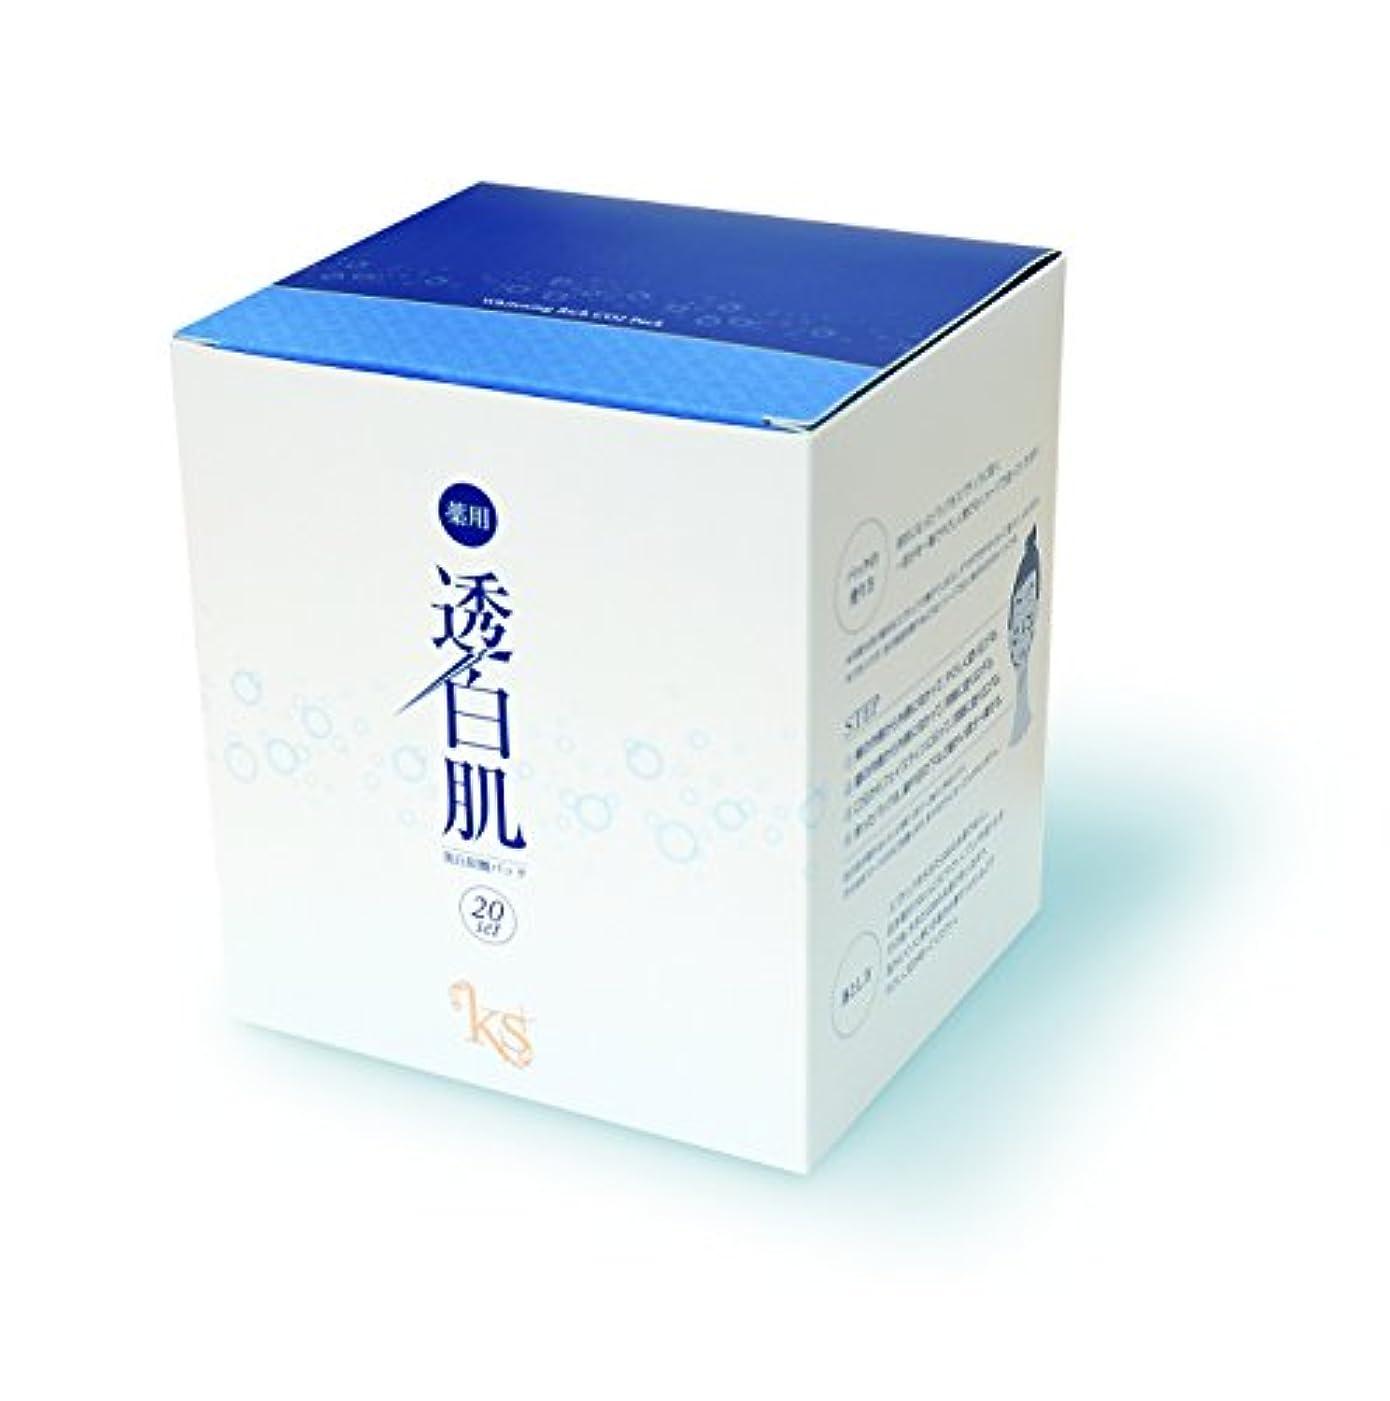 規制自慢鋼[薬用]透白肌 薬用美白炭酸パック〈2層式パック〉 20セット入 美白ケア